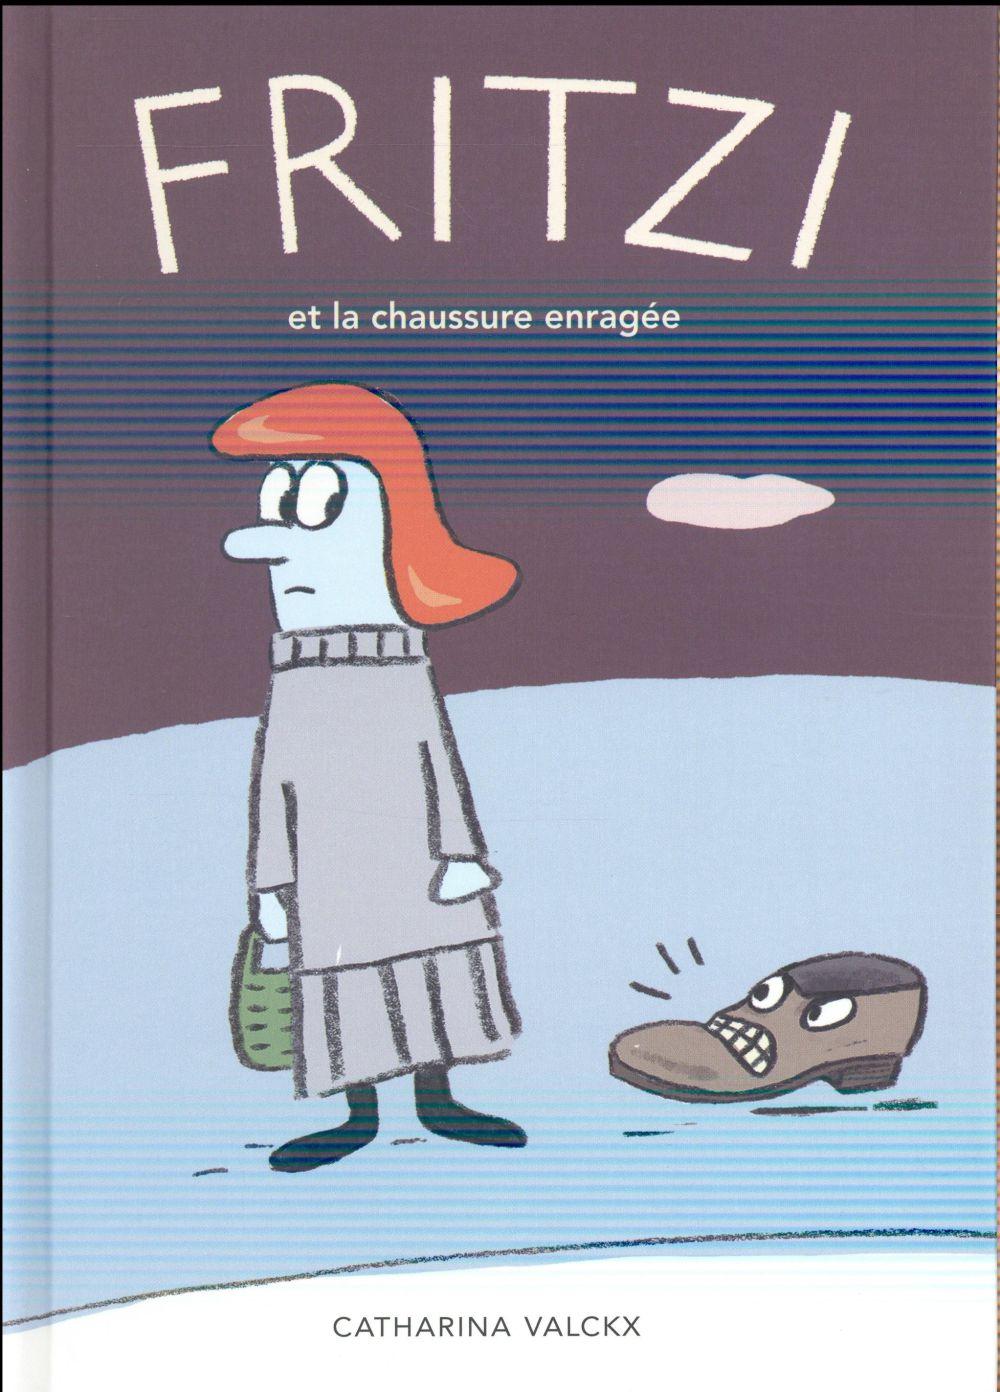 Fritzi et la chaussure enragee